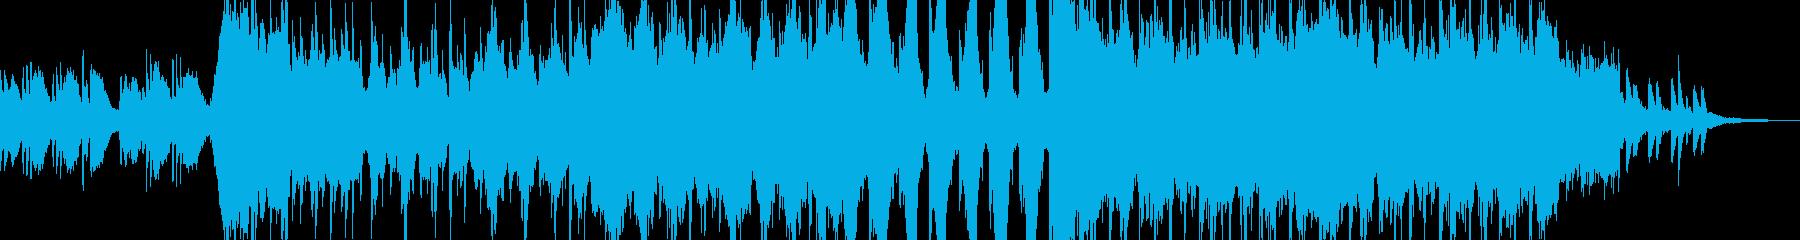 壮大な映像向け和風BGMの再生済みの波形